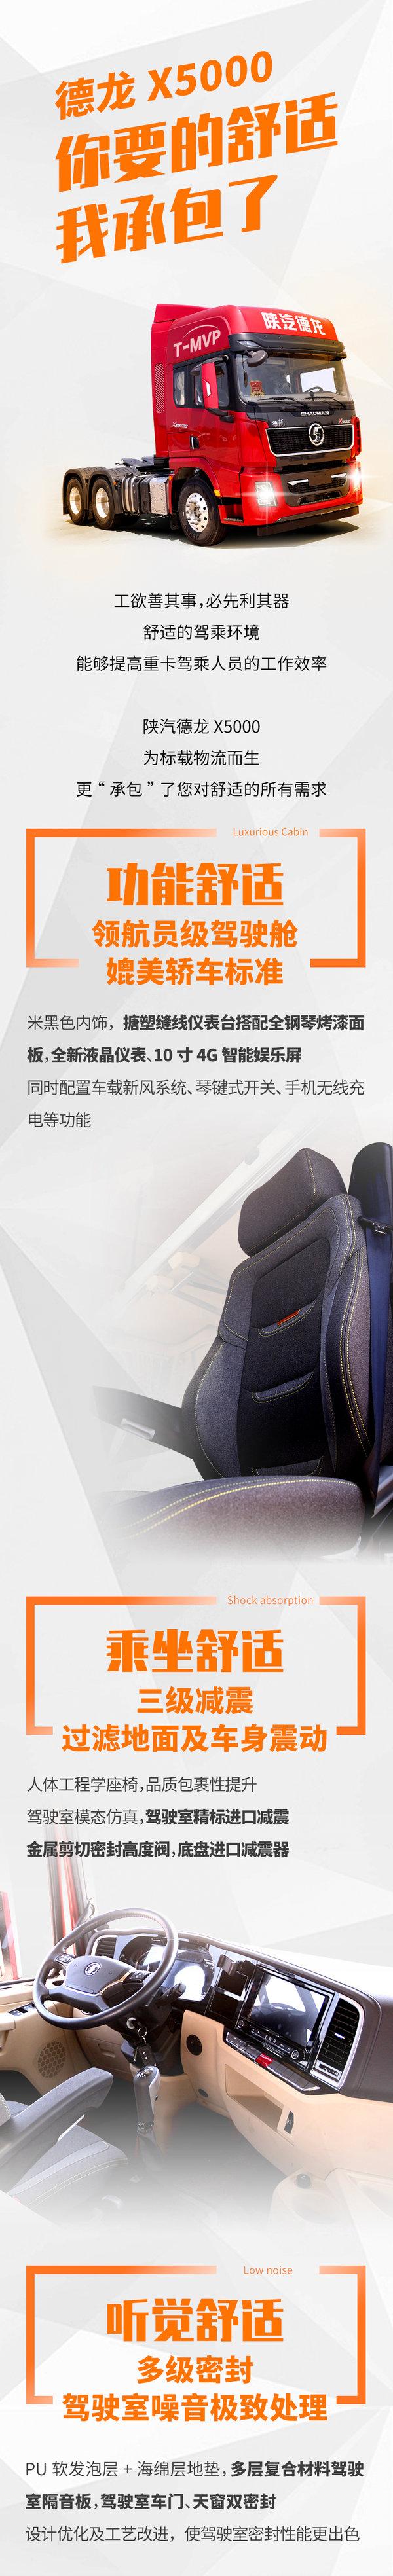 陕汽重卡:德龙X5000你要的舒适我承包了